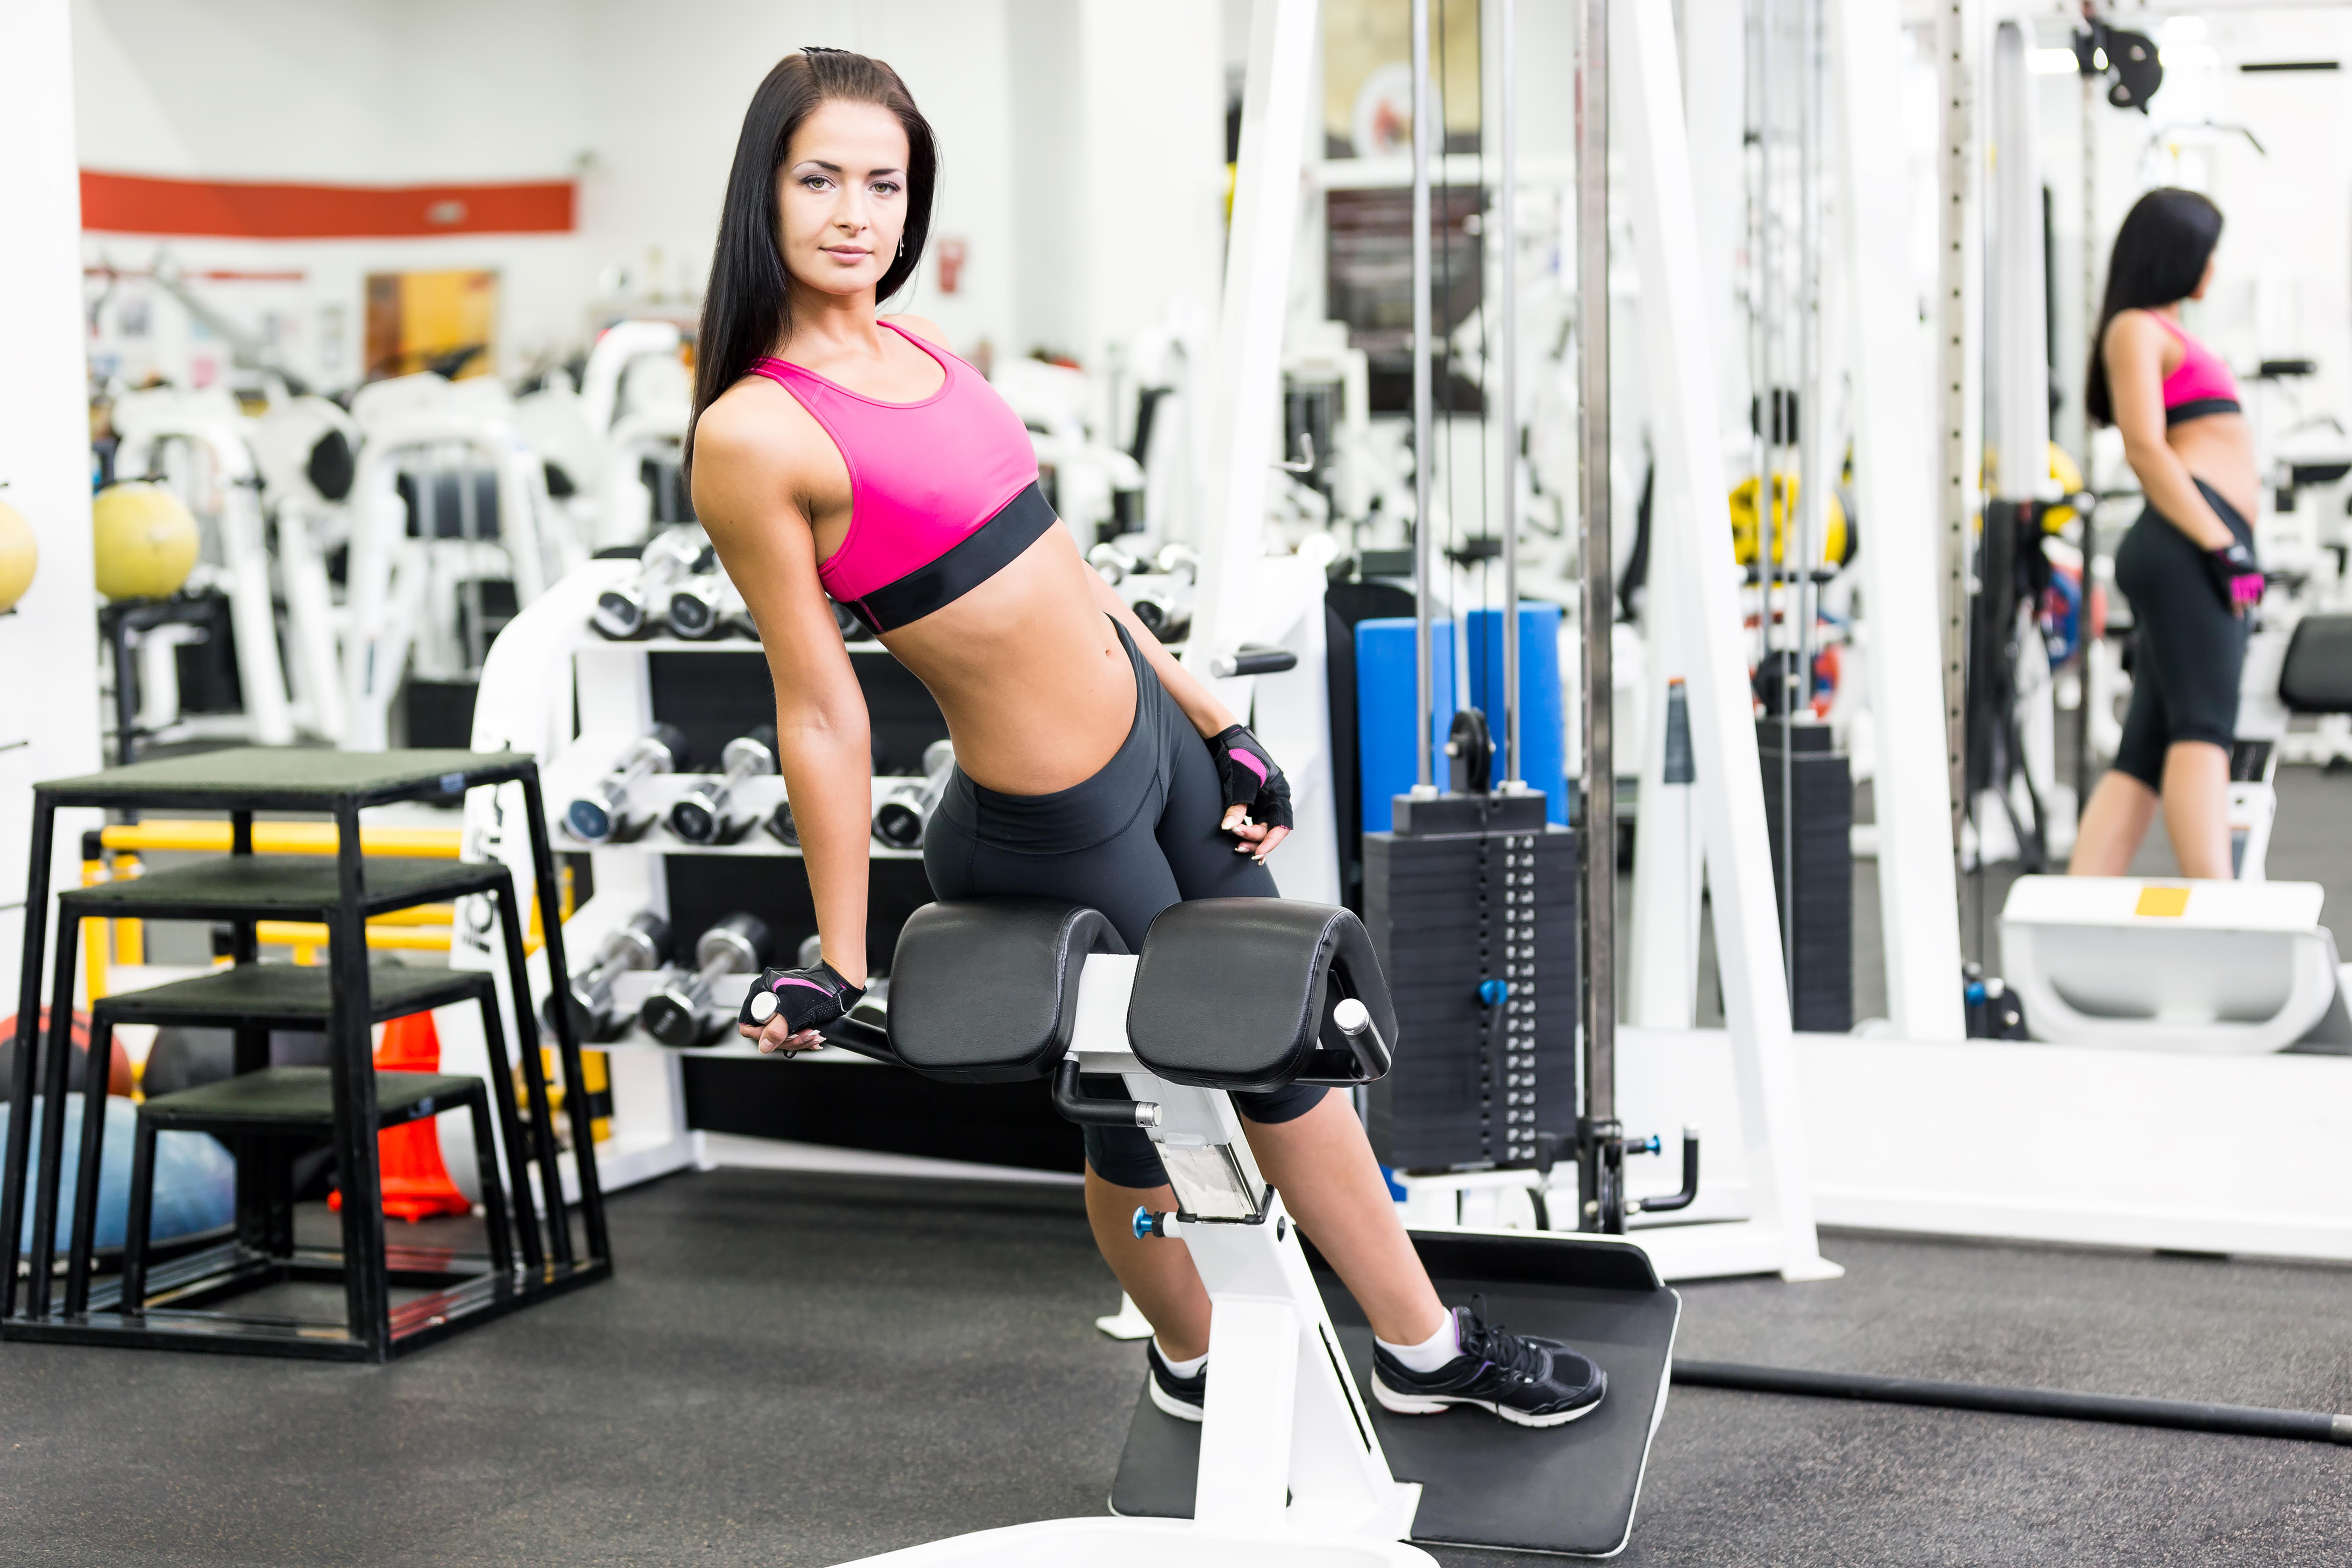 Спортзал для девушек похудения